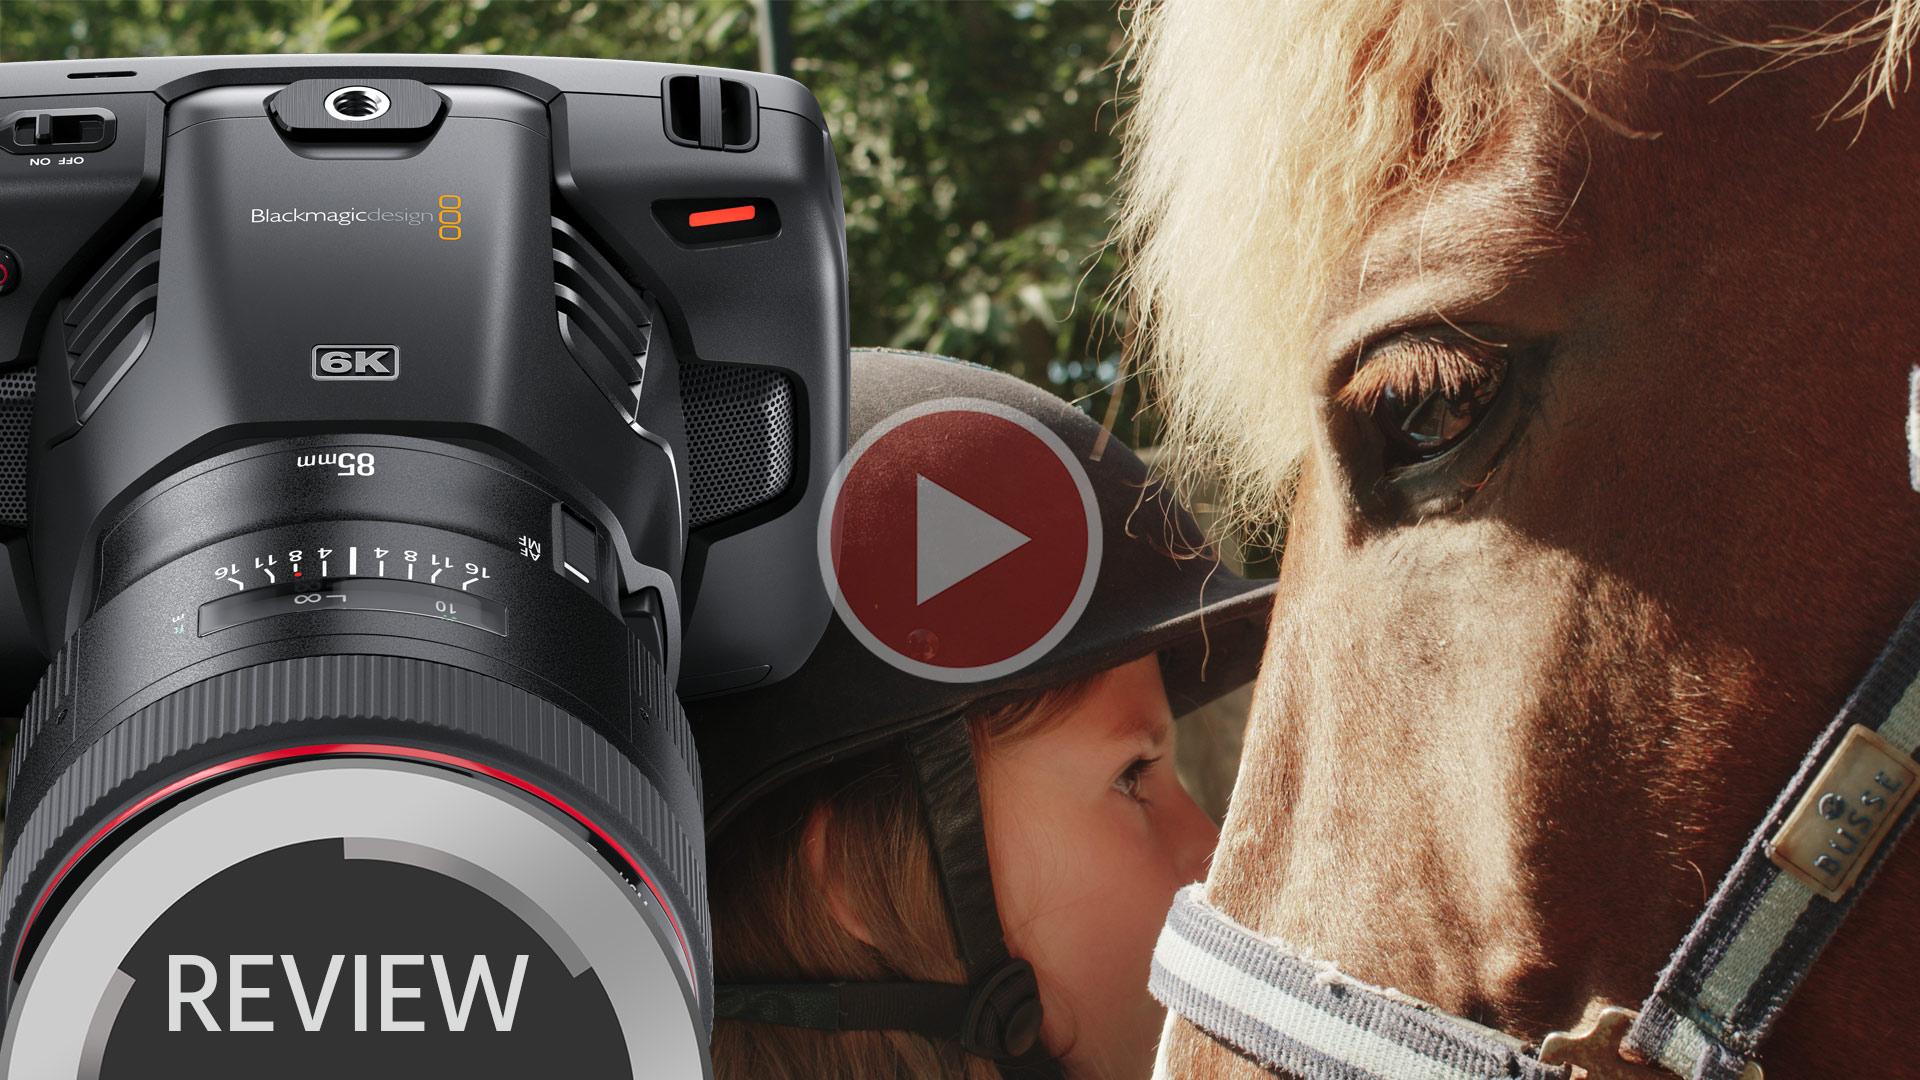 Reseña y Video de la BMPCC 6K - Cinco razones por la que nos gusta la Pocket 6K